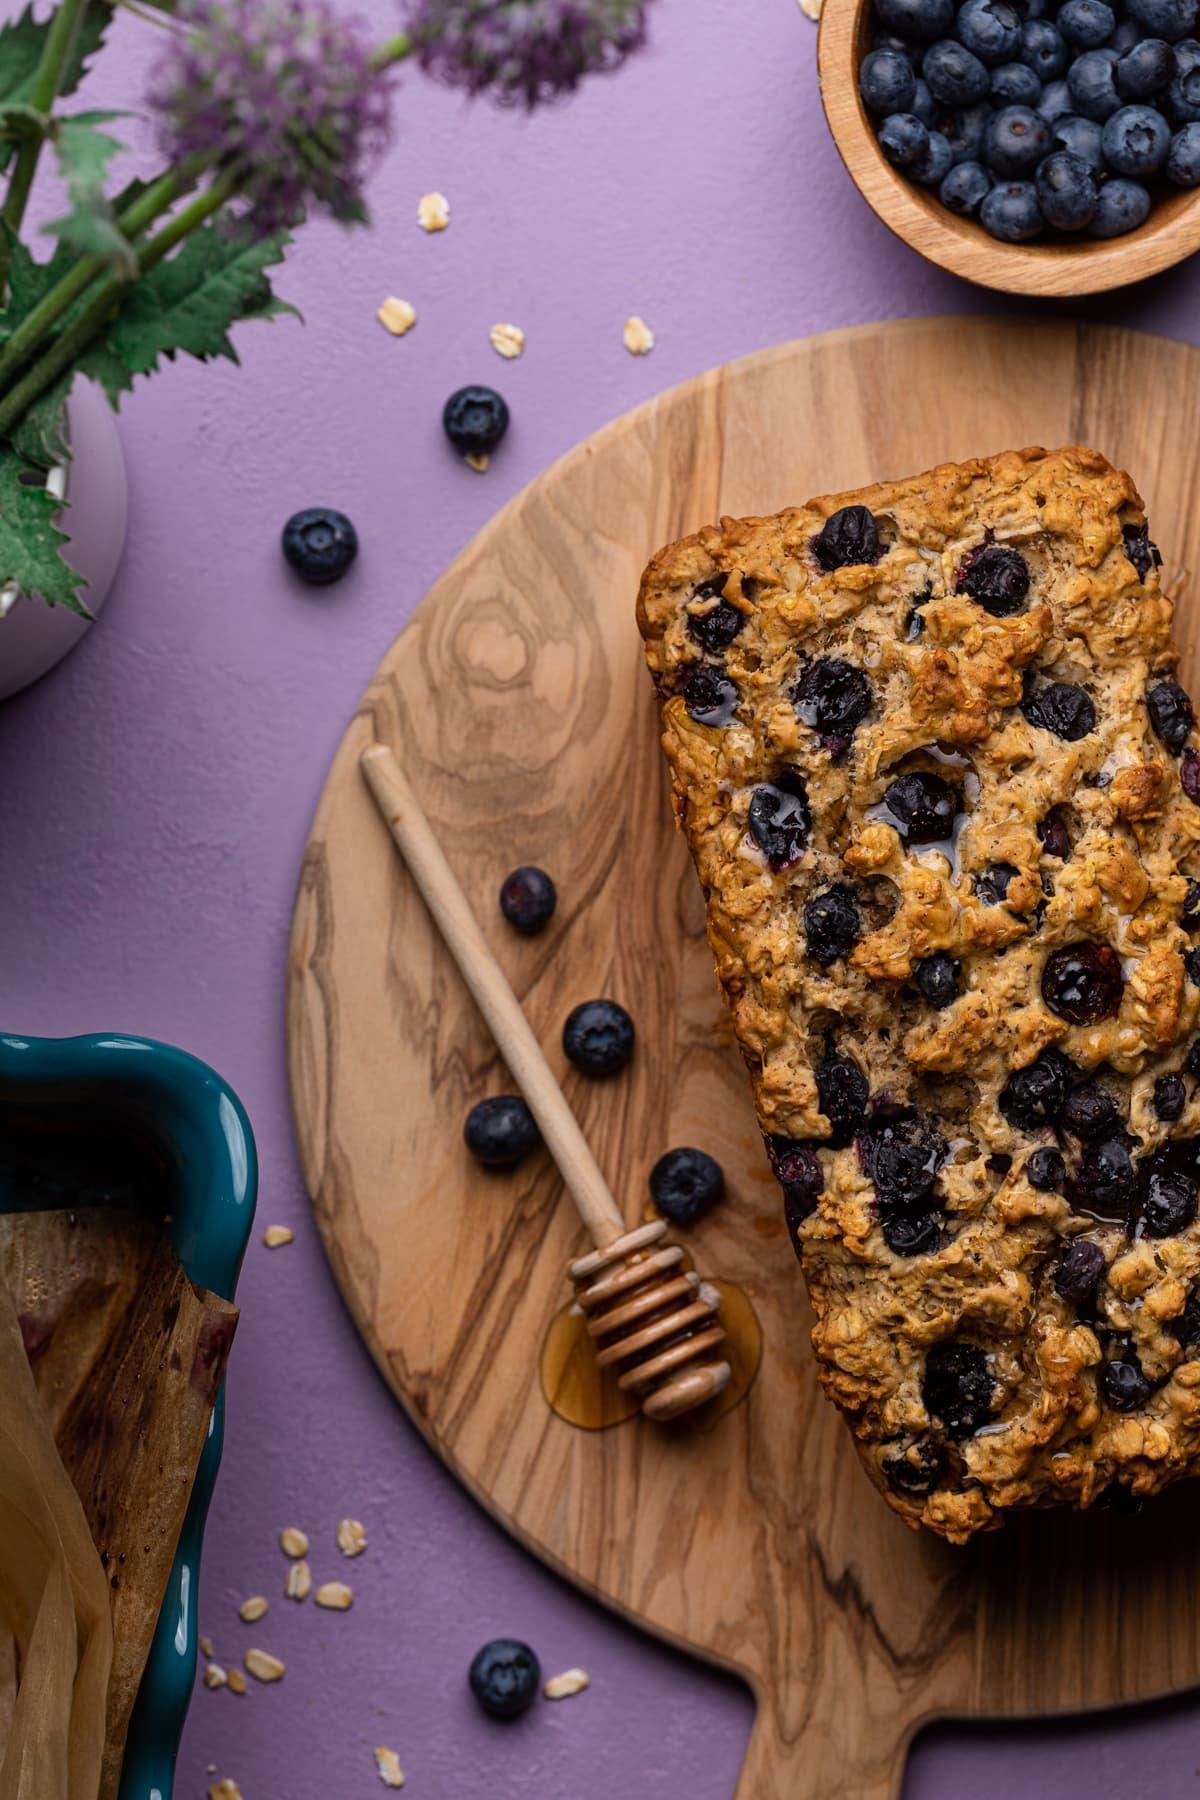 Healthy Blueberry Oatmeal Breakfast Bread on a wooden cutting board